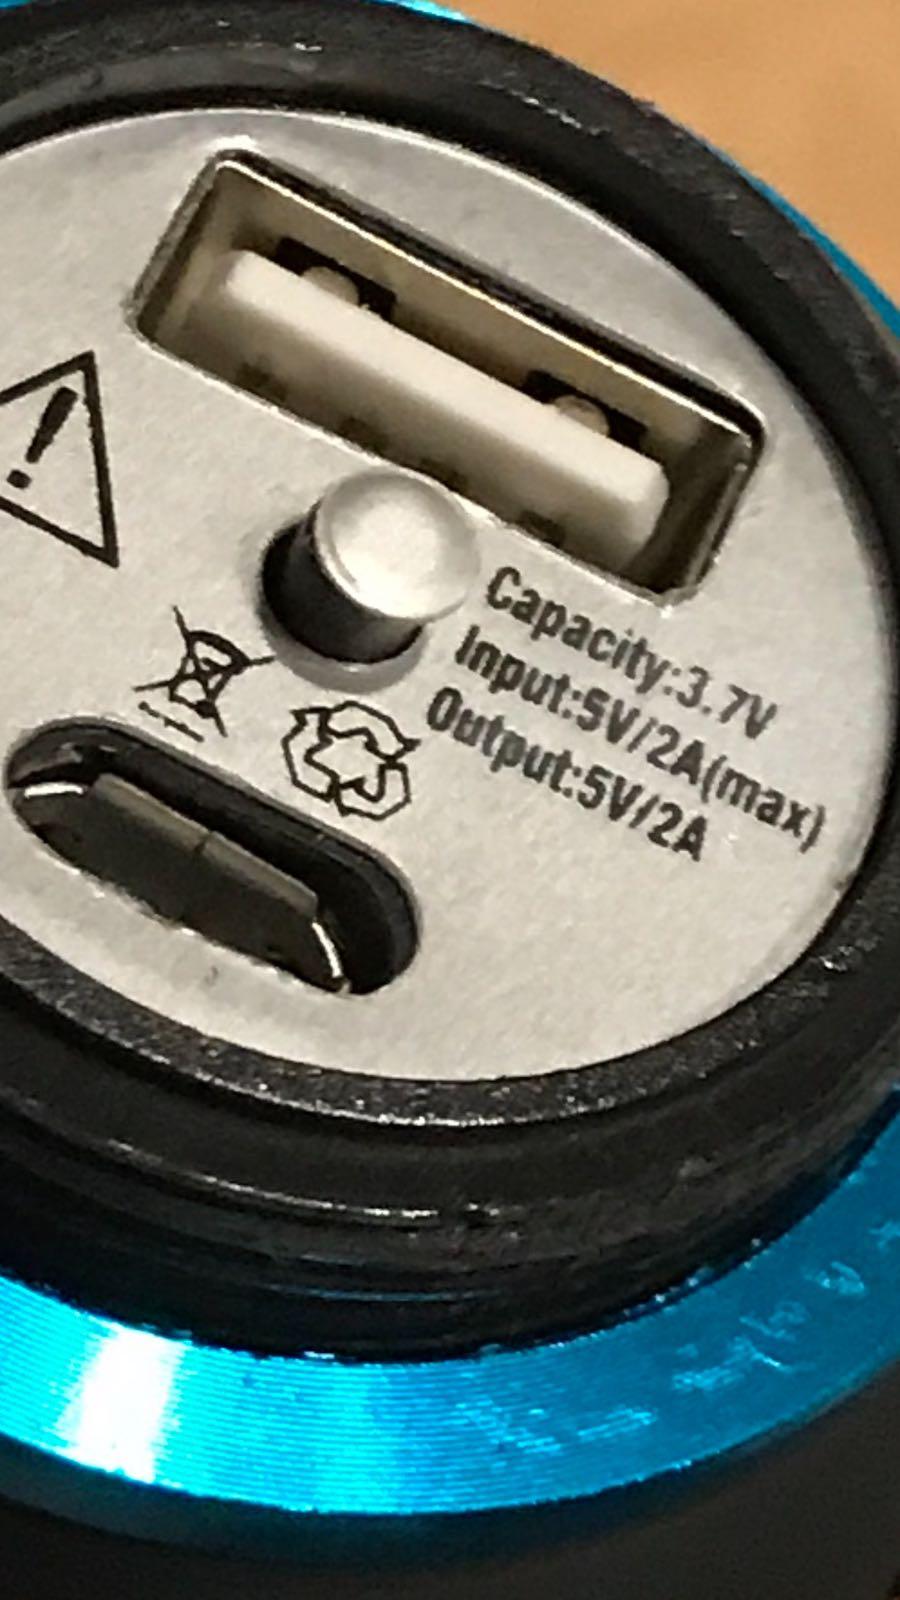 バッテリー内蔵多機能LEDライト